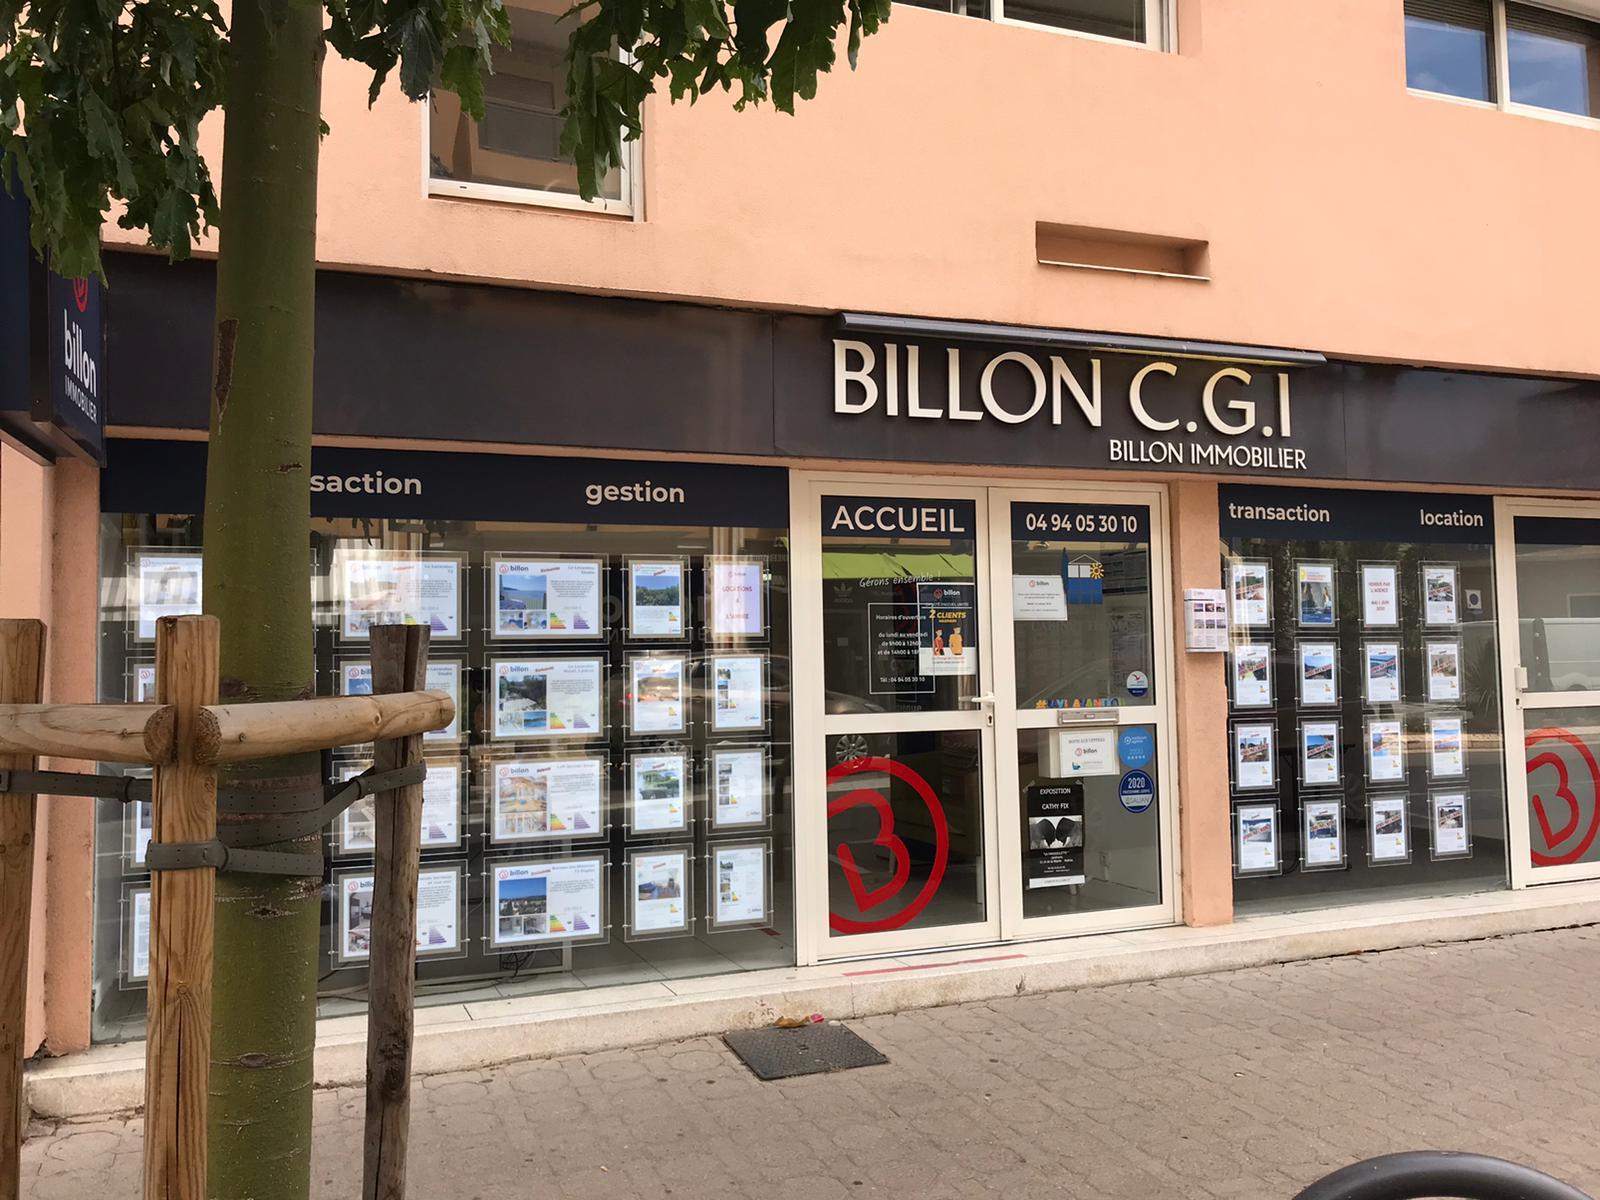 Billon CGI